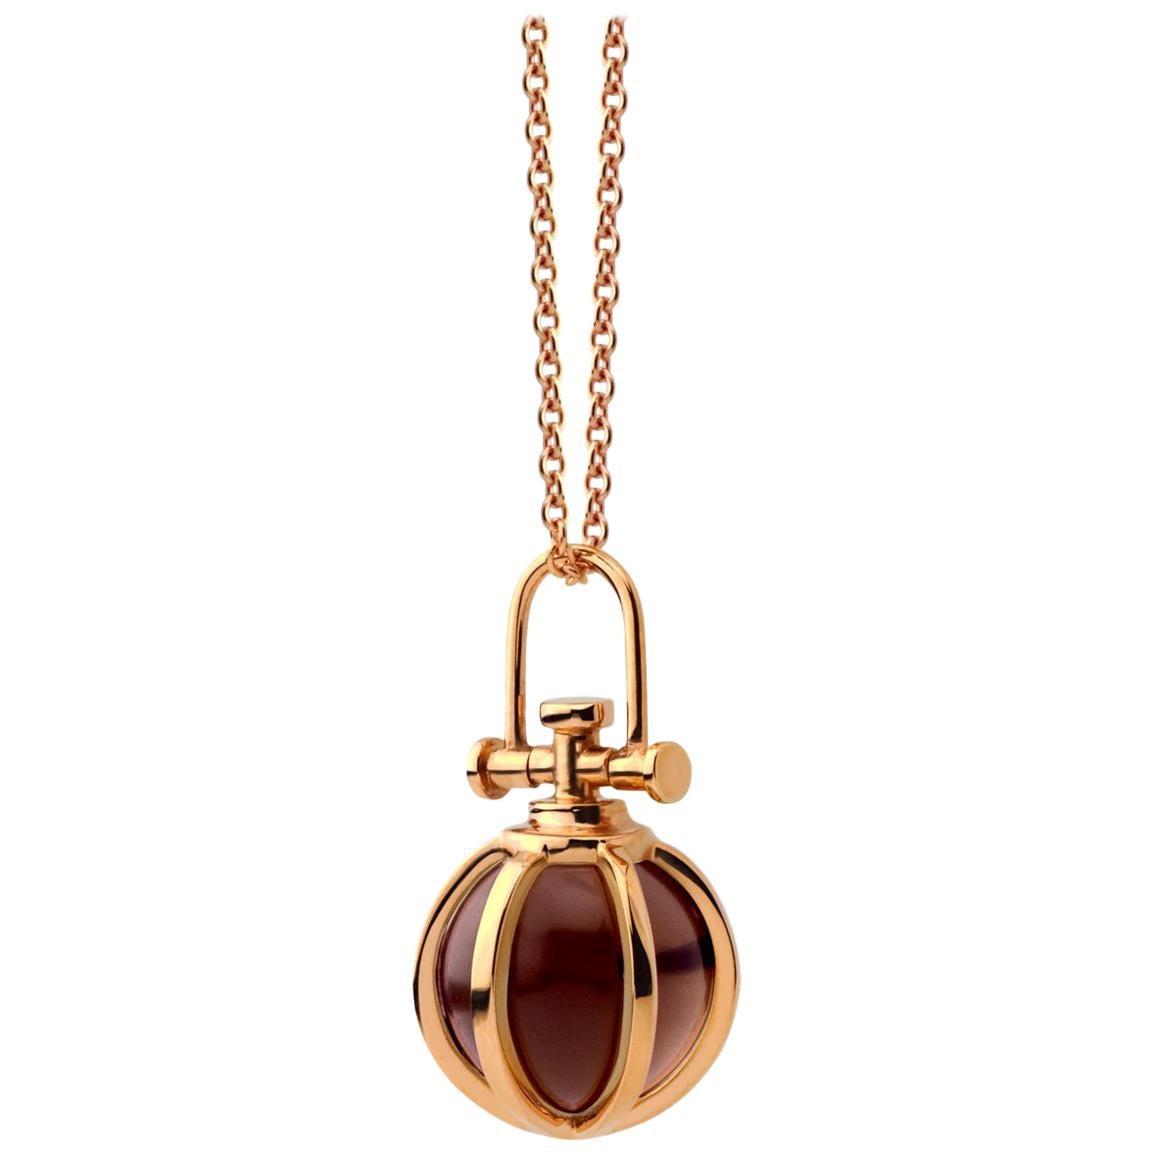 Modern Sacred 18 Karat Rose Gold Crystal Orb Amulet Necklace with Smoky Quartz